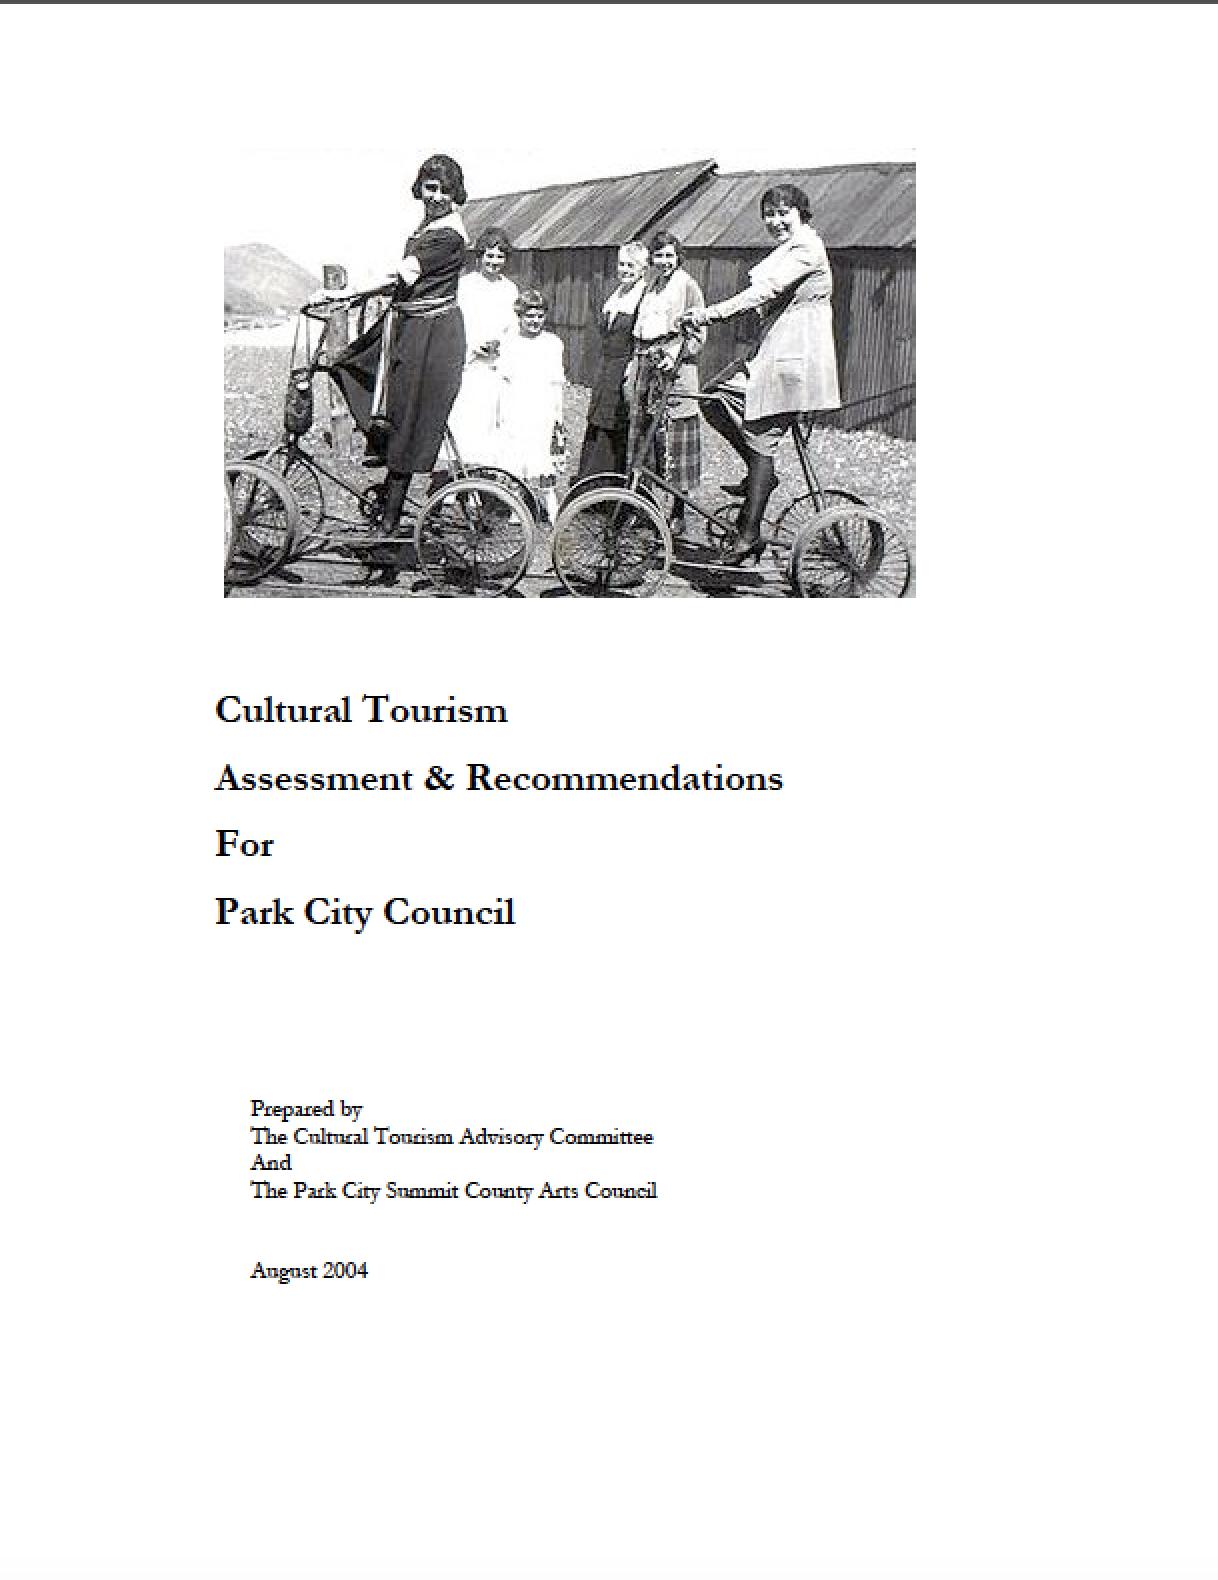 2004 Park City Cultural Tourism Assessment